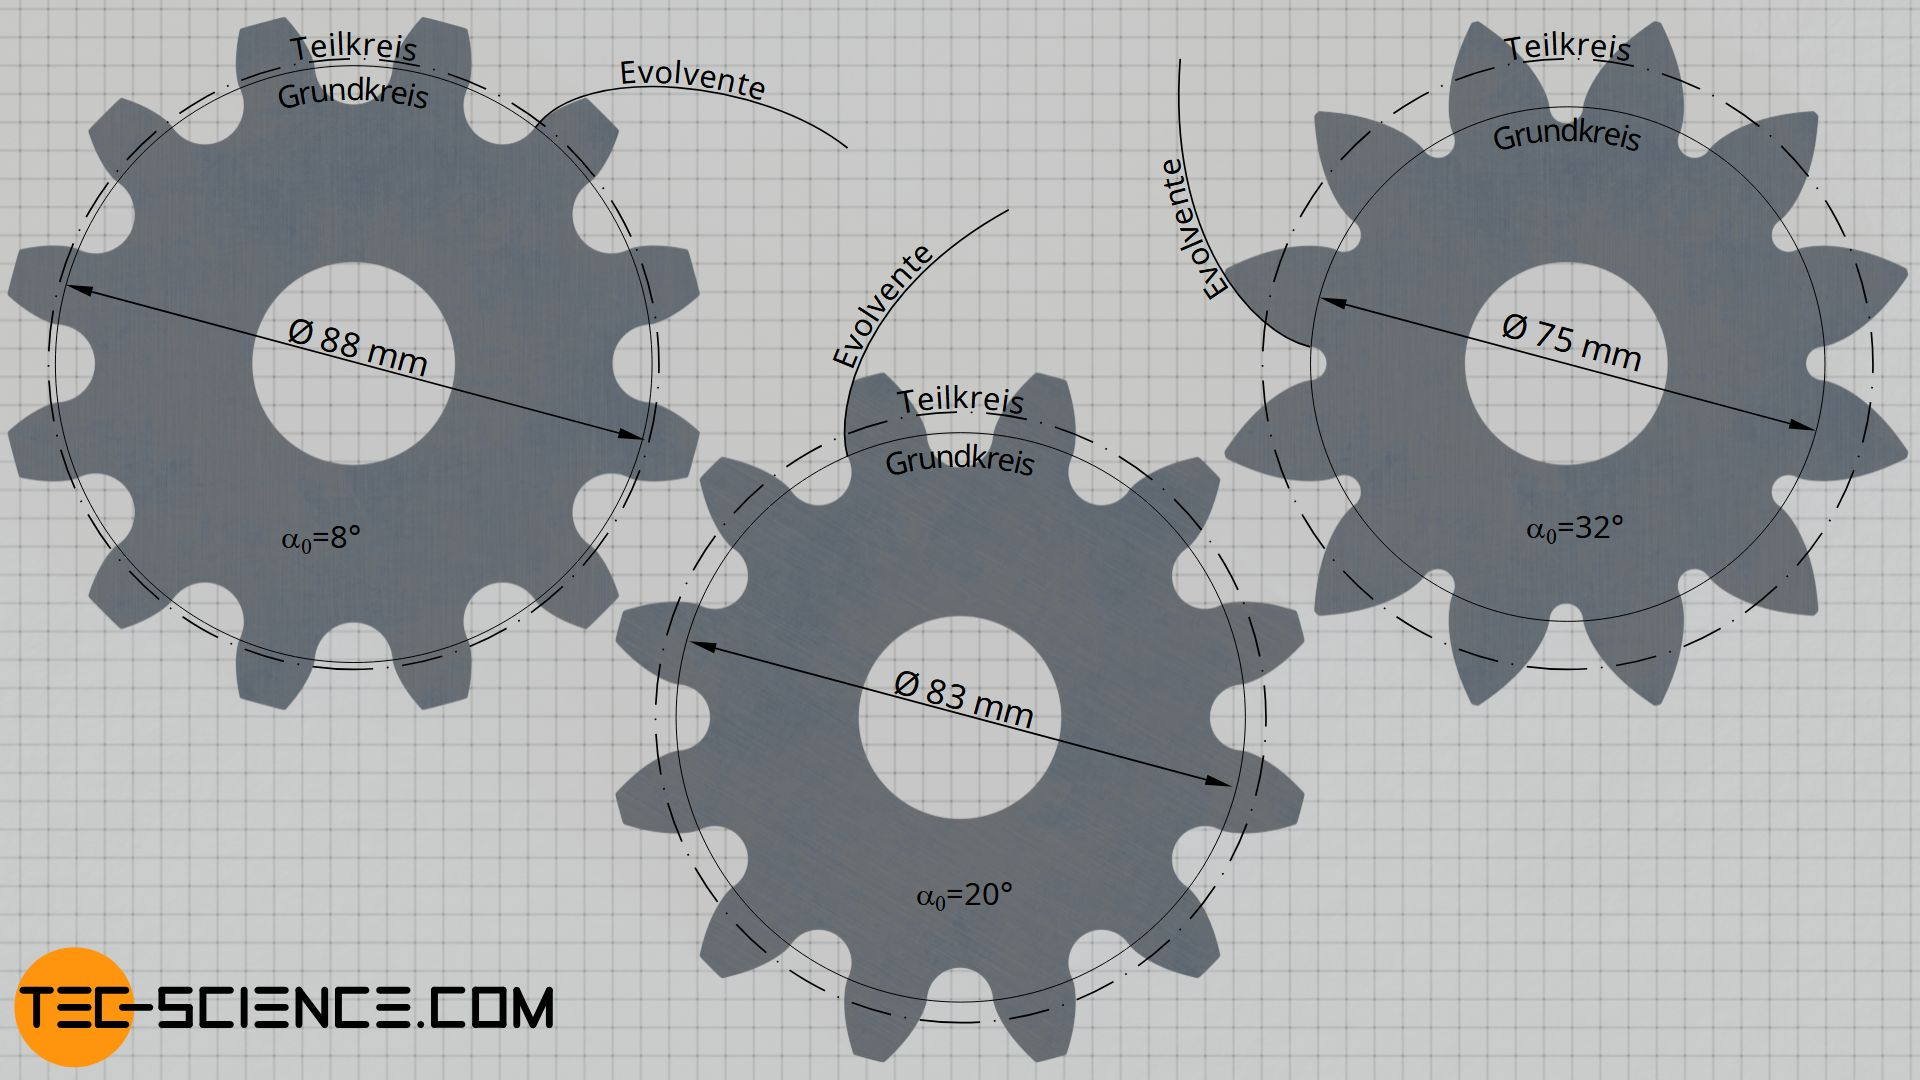 Zahnflankenform für verschiedene Grundkreisdurchmesser